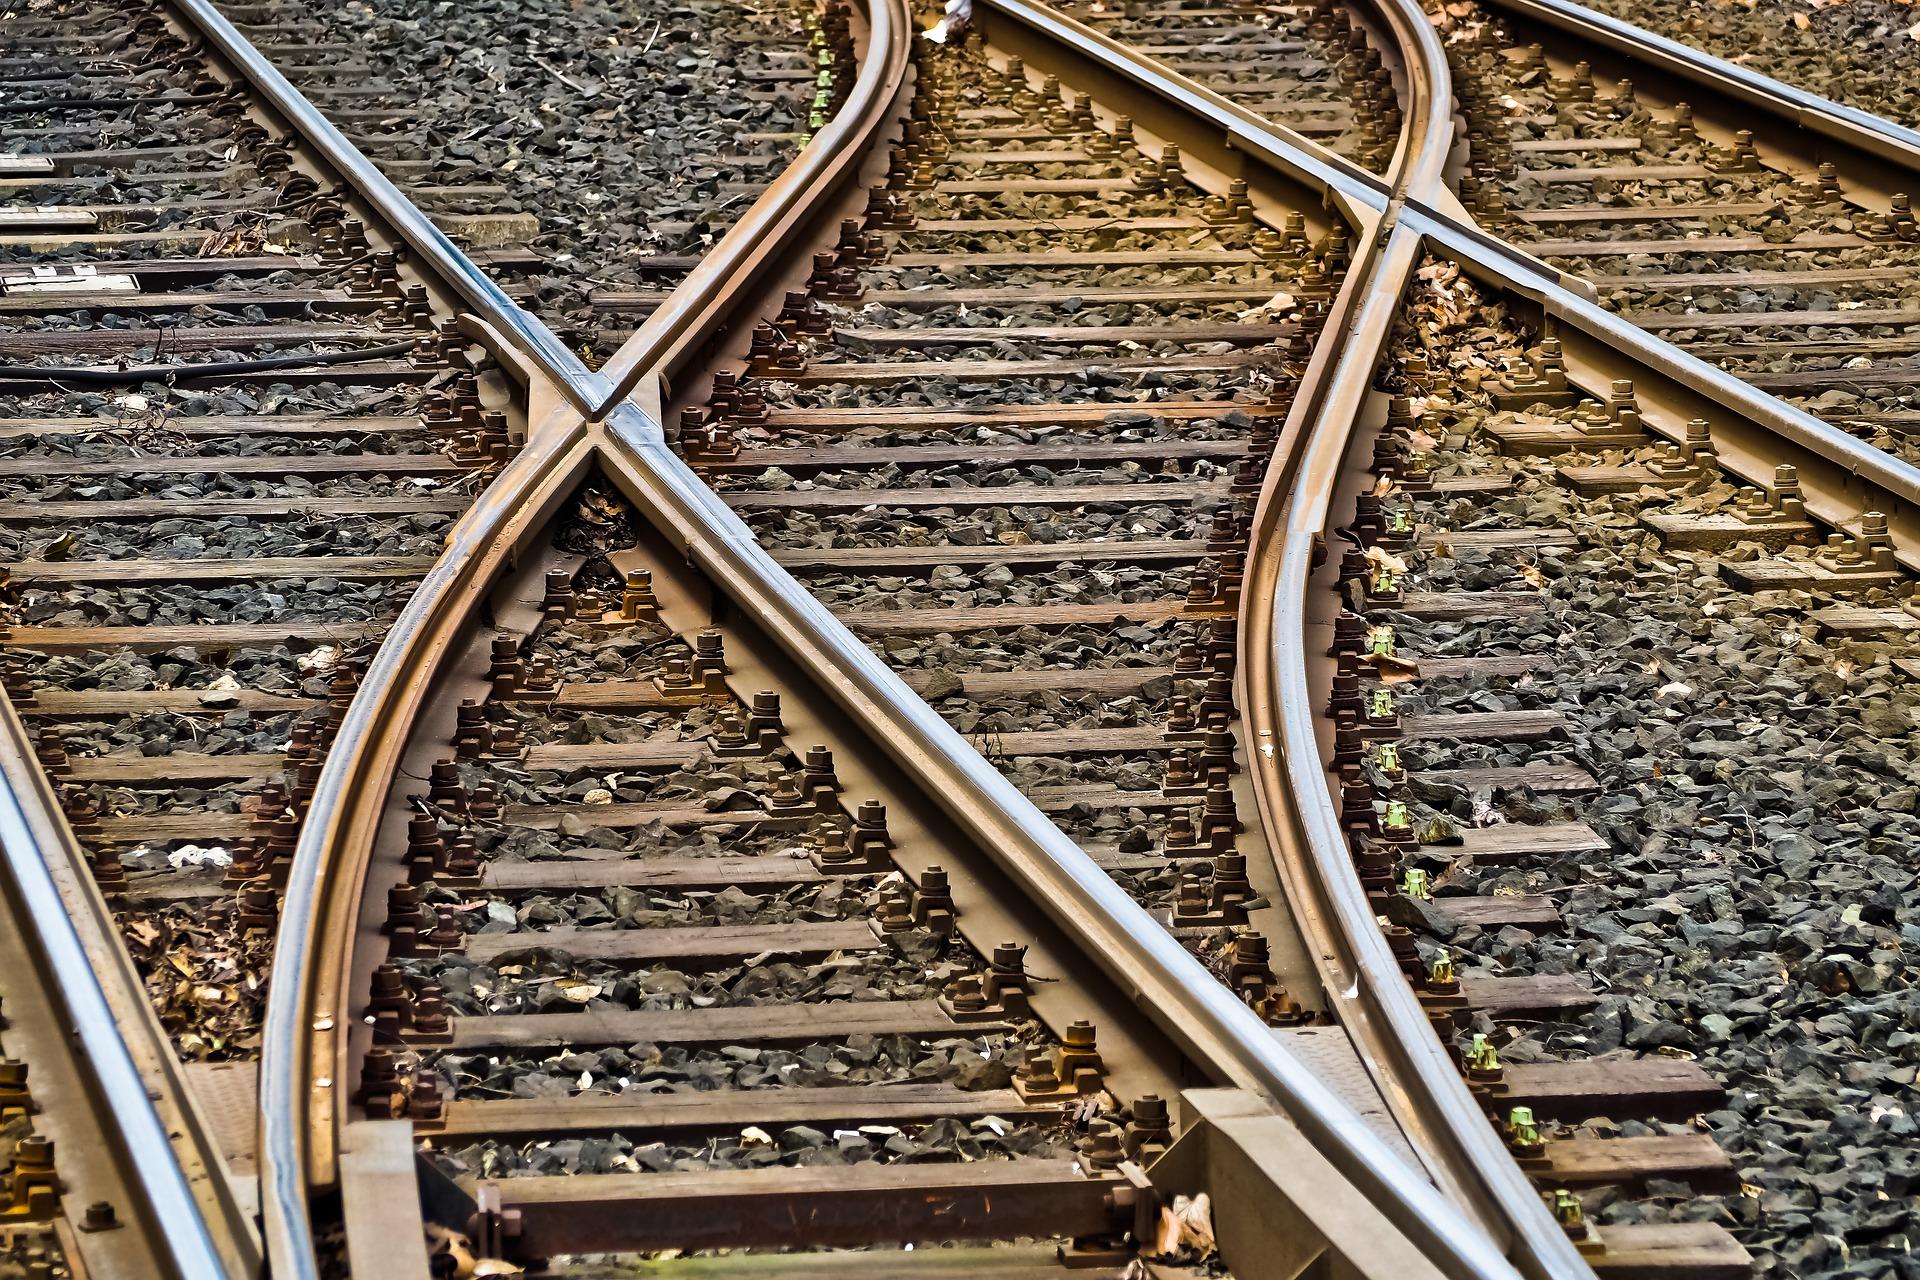 Trasporti, Regione Rinnovi Affidamento Ferrovia Roma-Lido Ad Atac